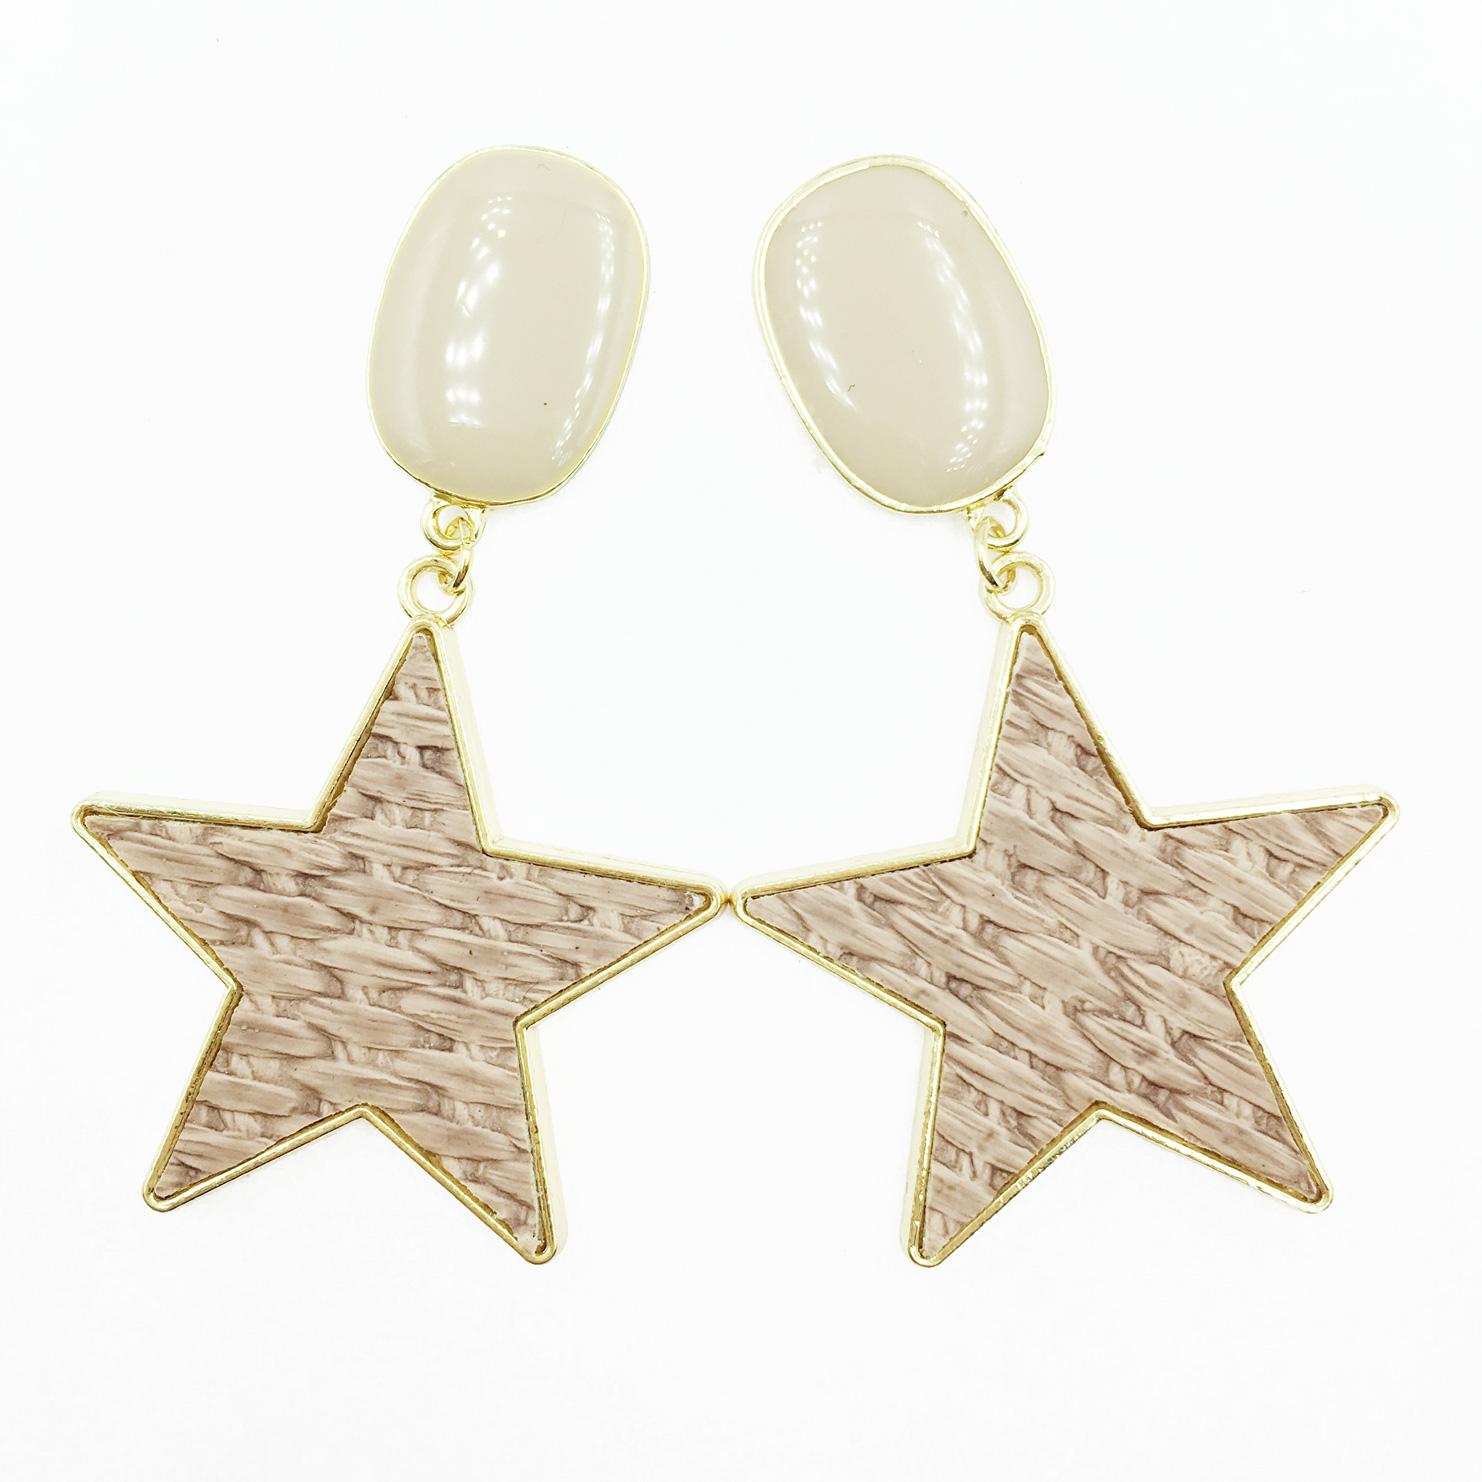 韓國 925純銀 素面橢圓 金邊大星星 編織 莫蘭迪色系 垂墜感 耳針式耳環